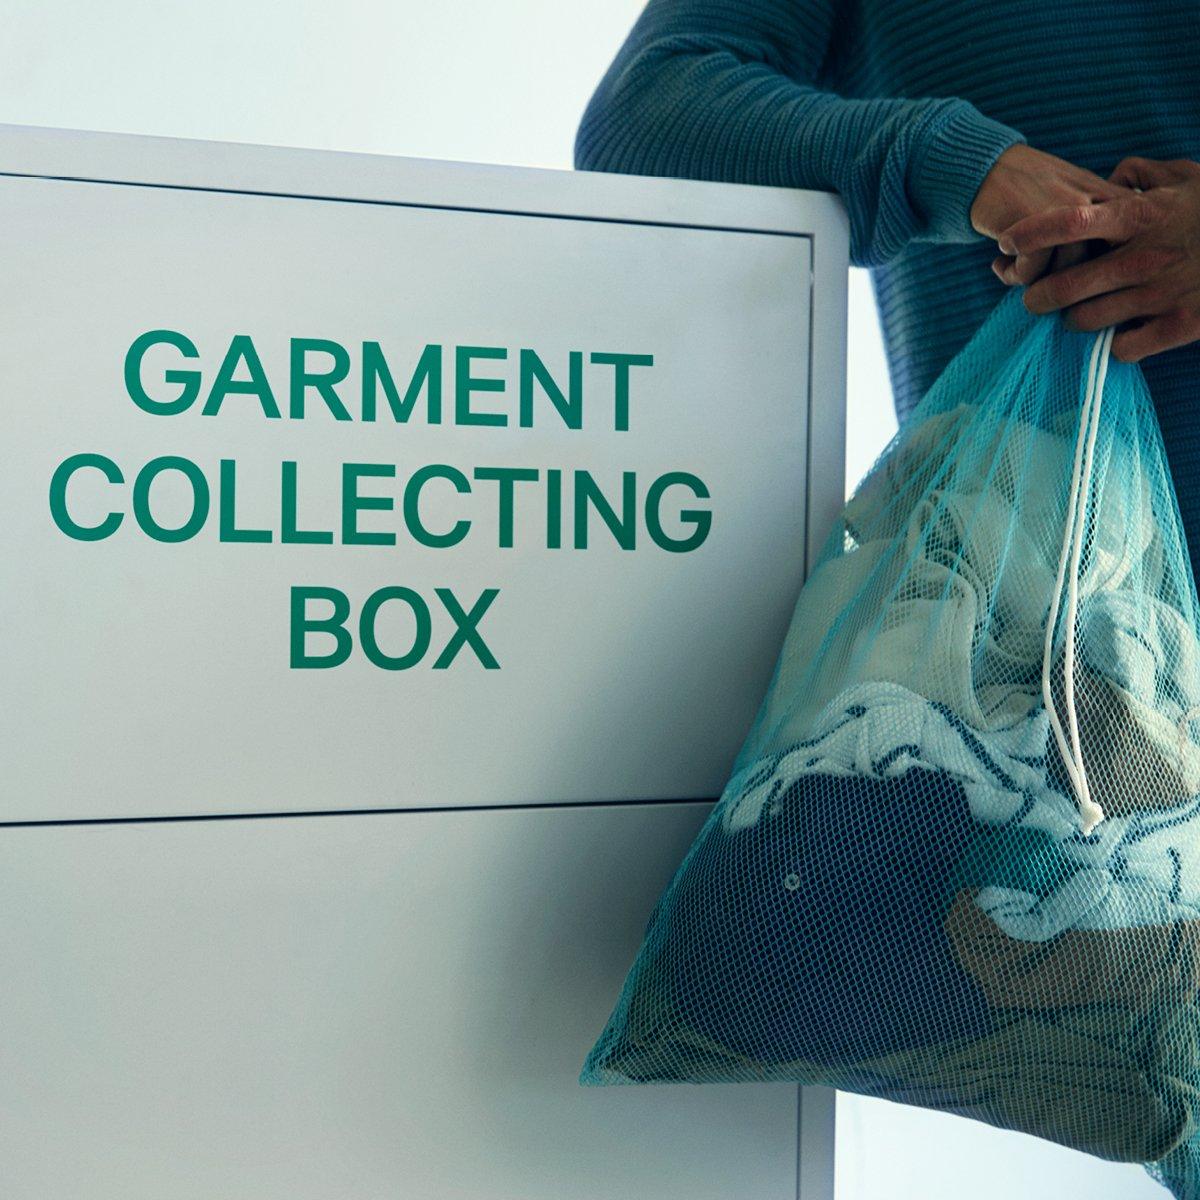 H&M nhận quần áo cũ bất kể thương hiệu để tái chế, netizen hưởng ứng rần rần vì vừa clear đồ đã dùng vừa được đổi voucher giảm giá - Ảnh 3.